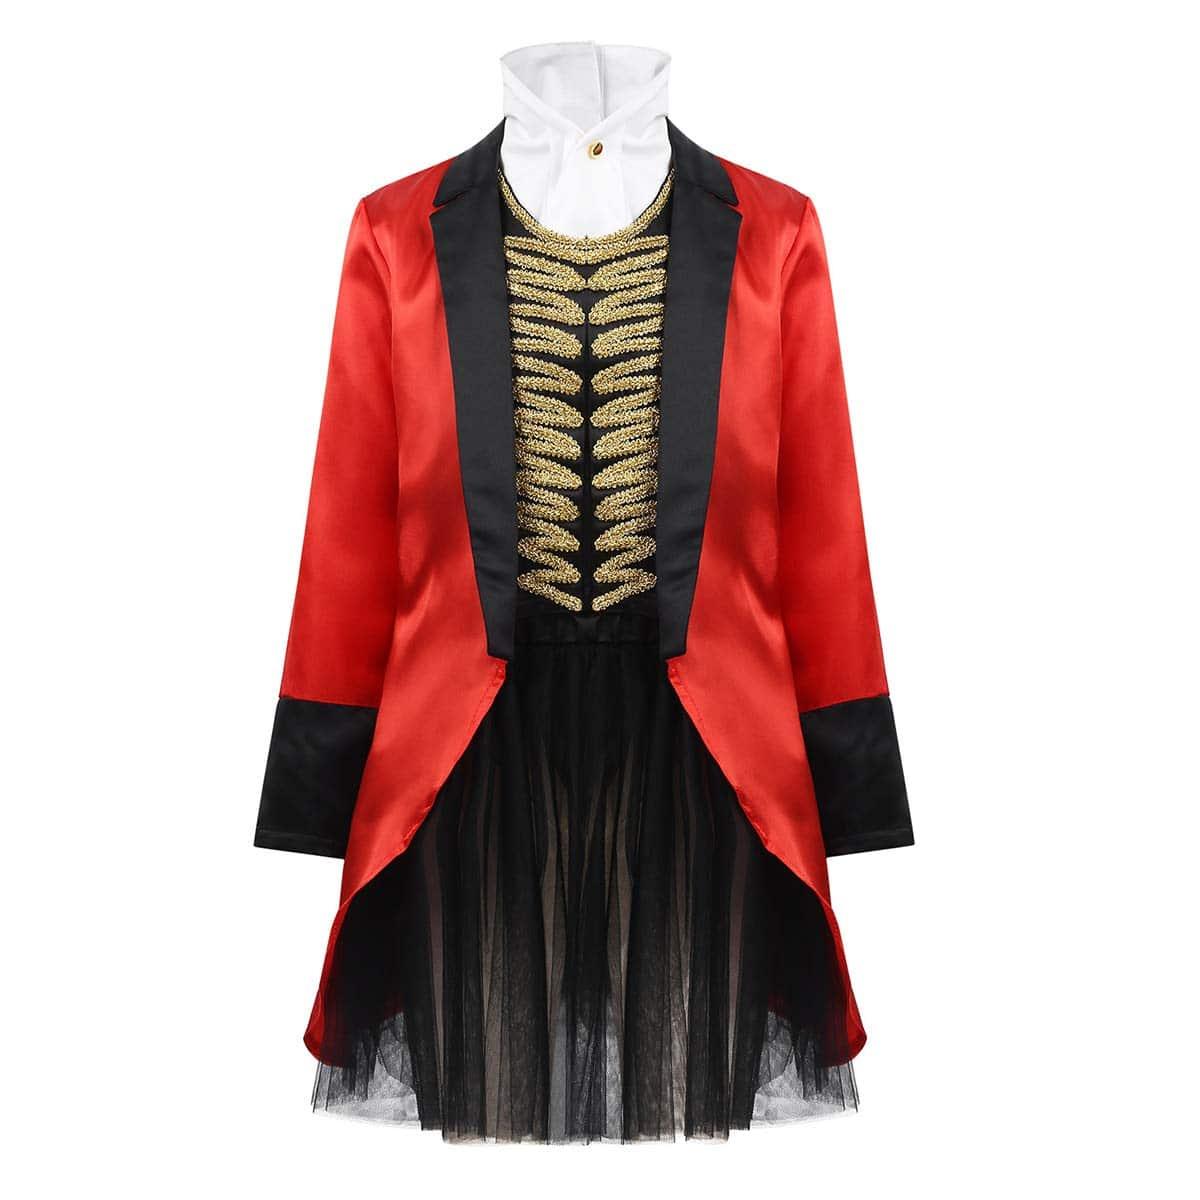 Disfraz de Domadora de Circo Mago - Chaqueta Roja con Falda Tutú Traje